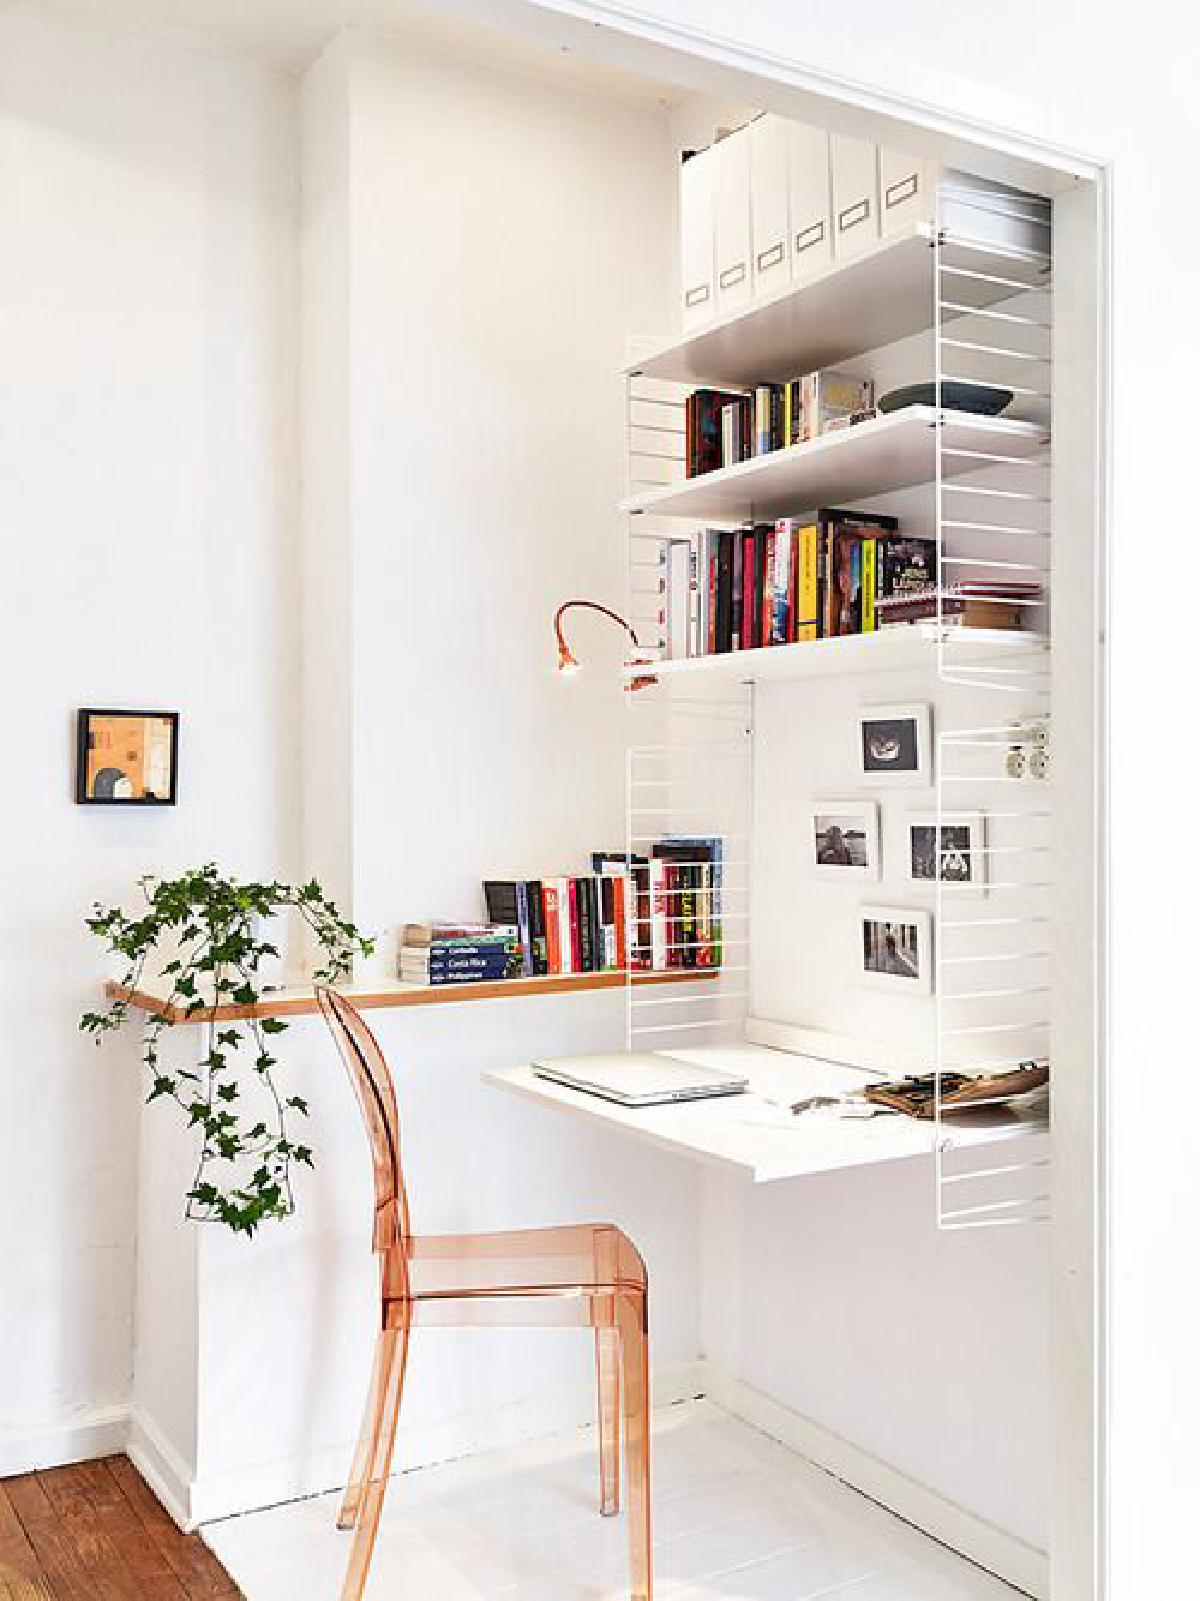 3 cách chọn nội thất phù hợp giúp căn hộ nhỏ rộng hơn - Ảnh 6.